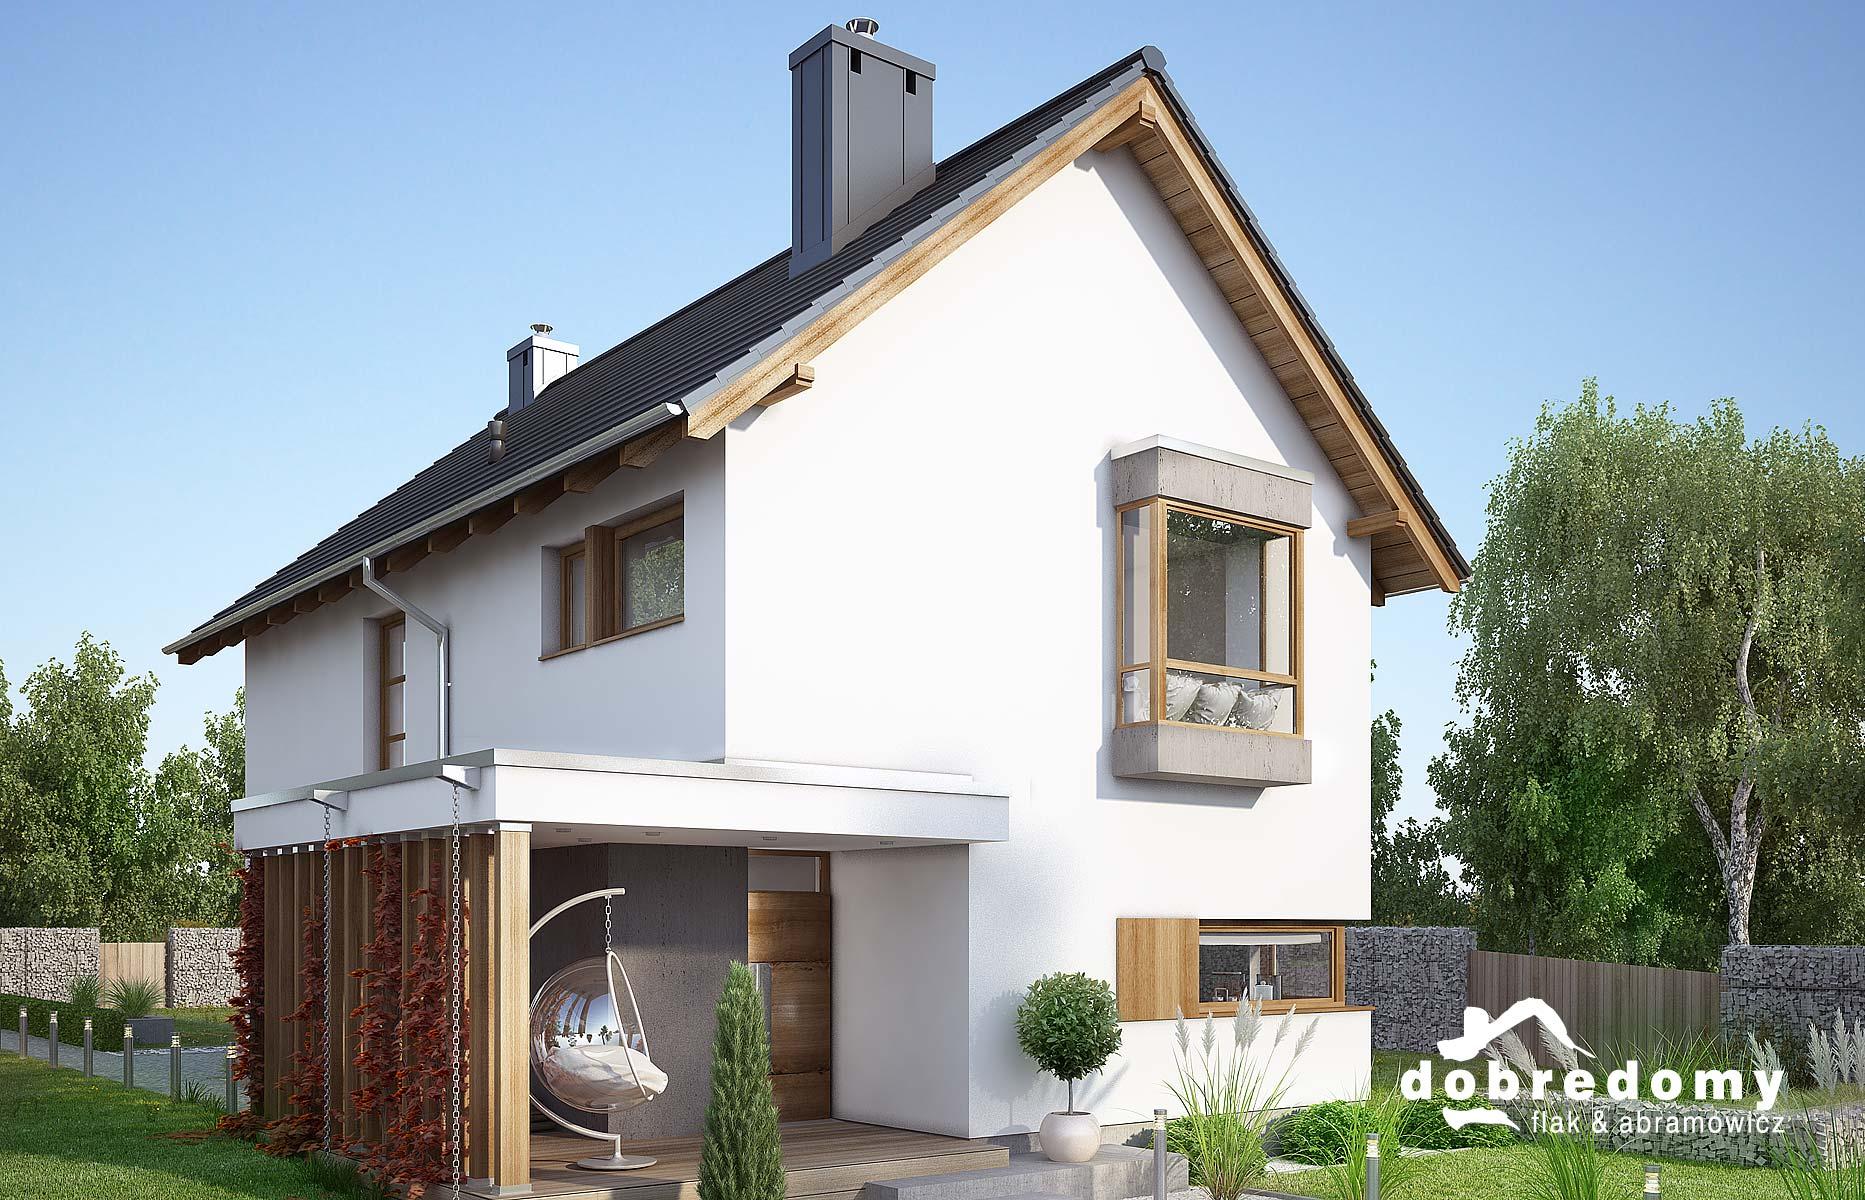 Budowa domu – samodzielna czy z podwykonawcą?